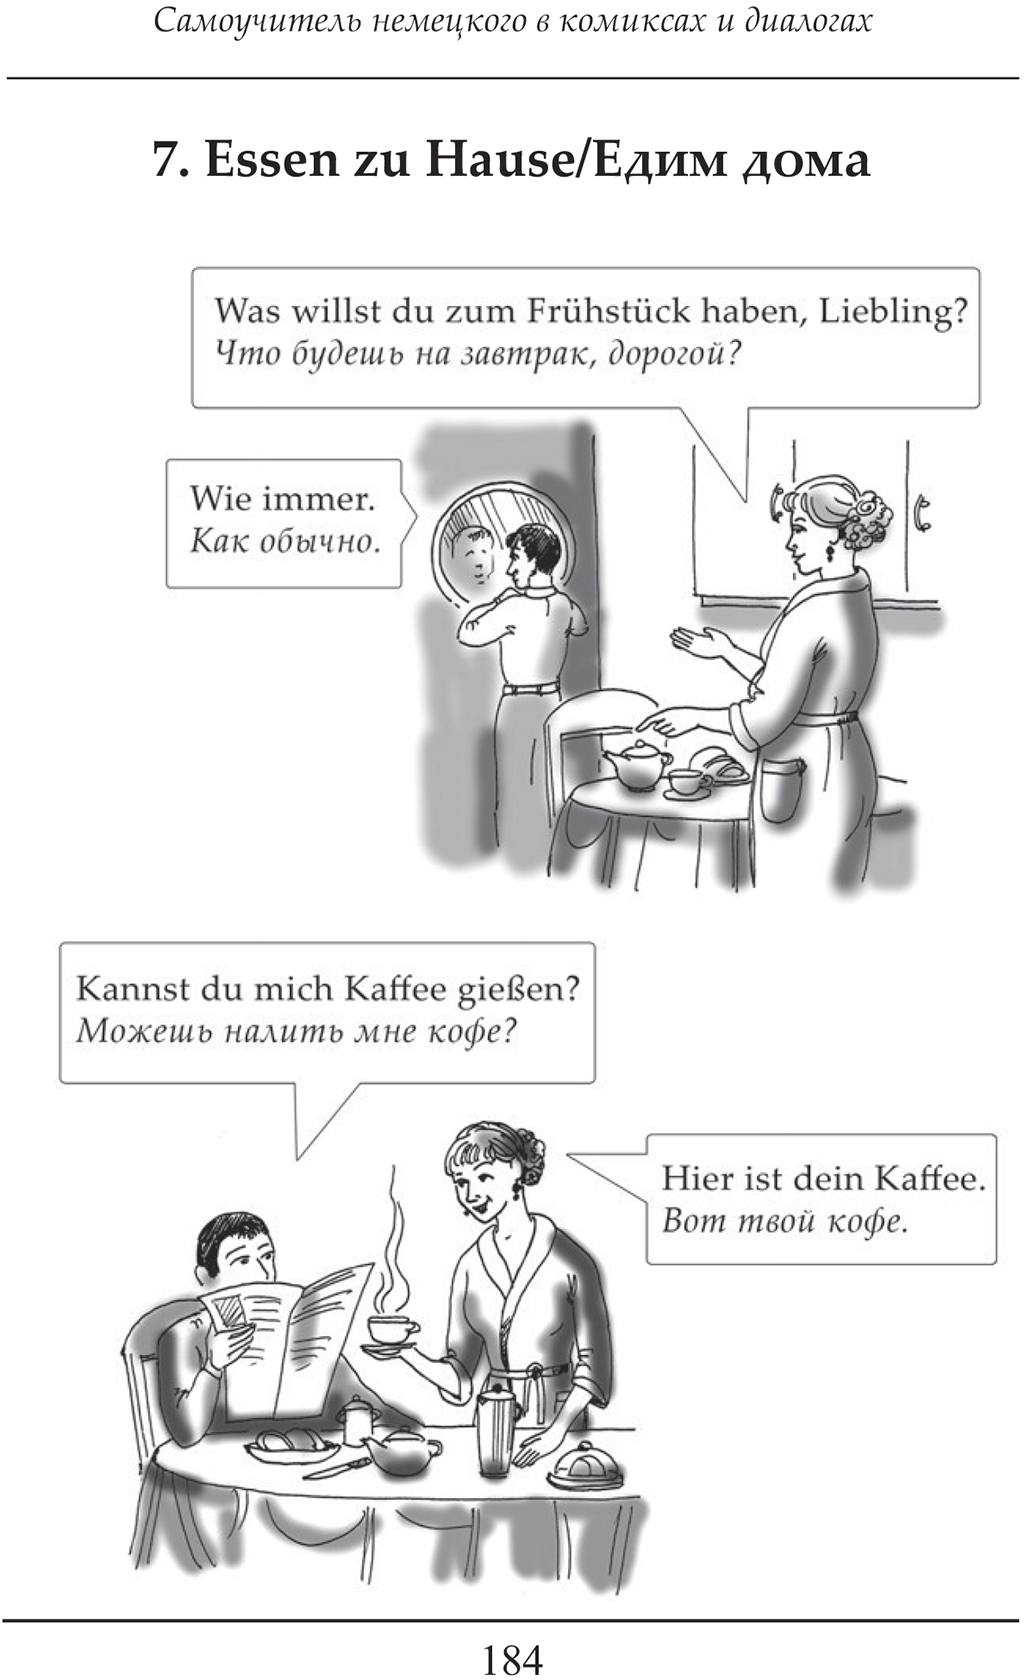 Комикс Иностранный в картинках - Самоучитель Немецкого